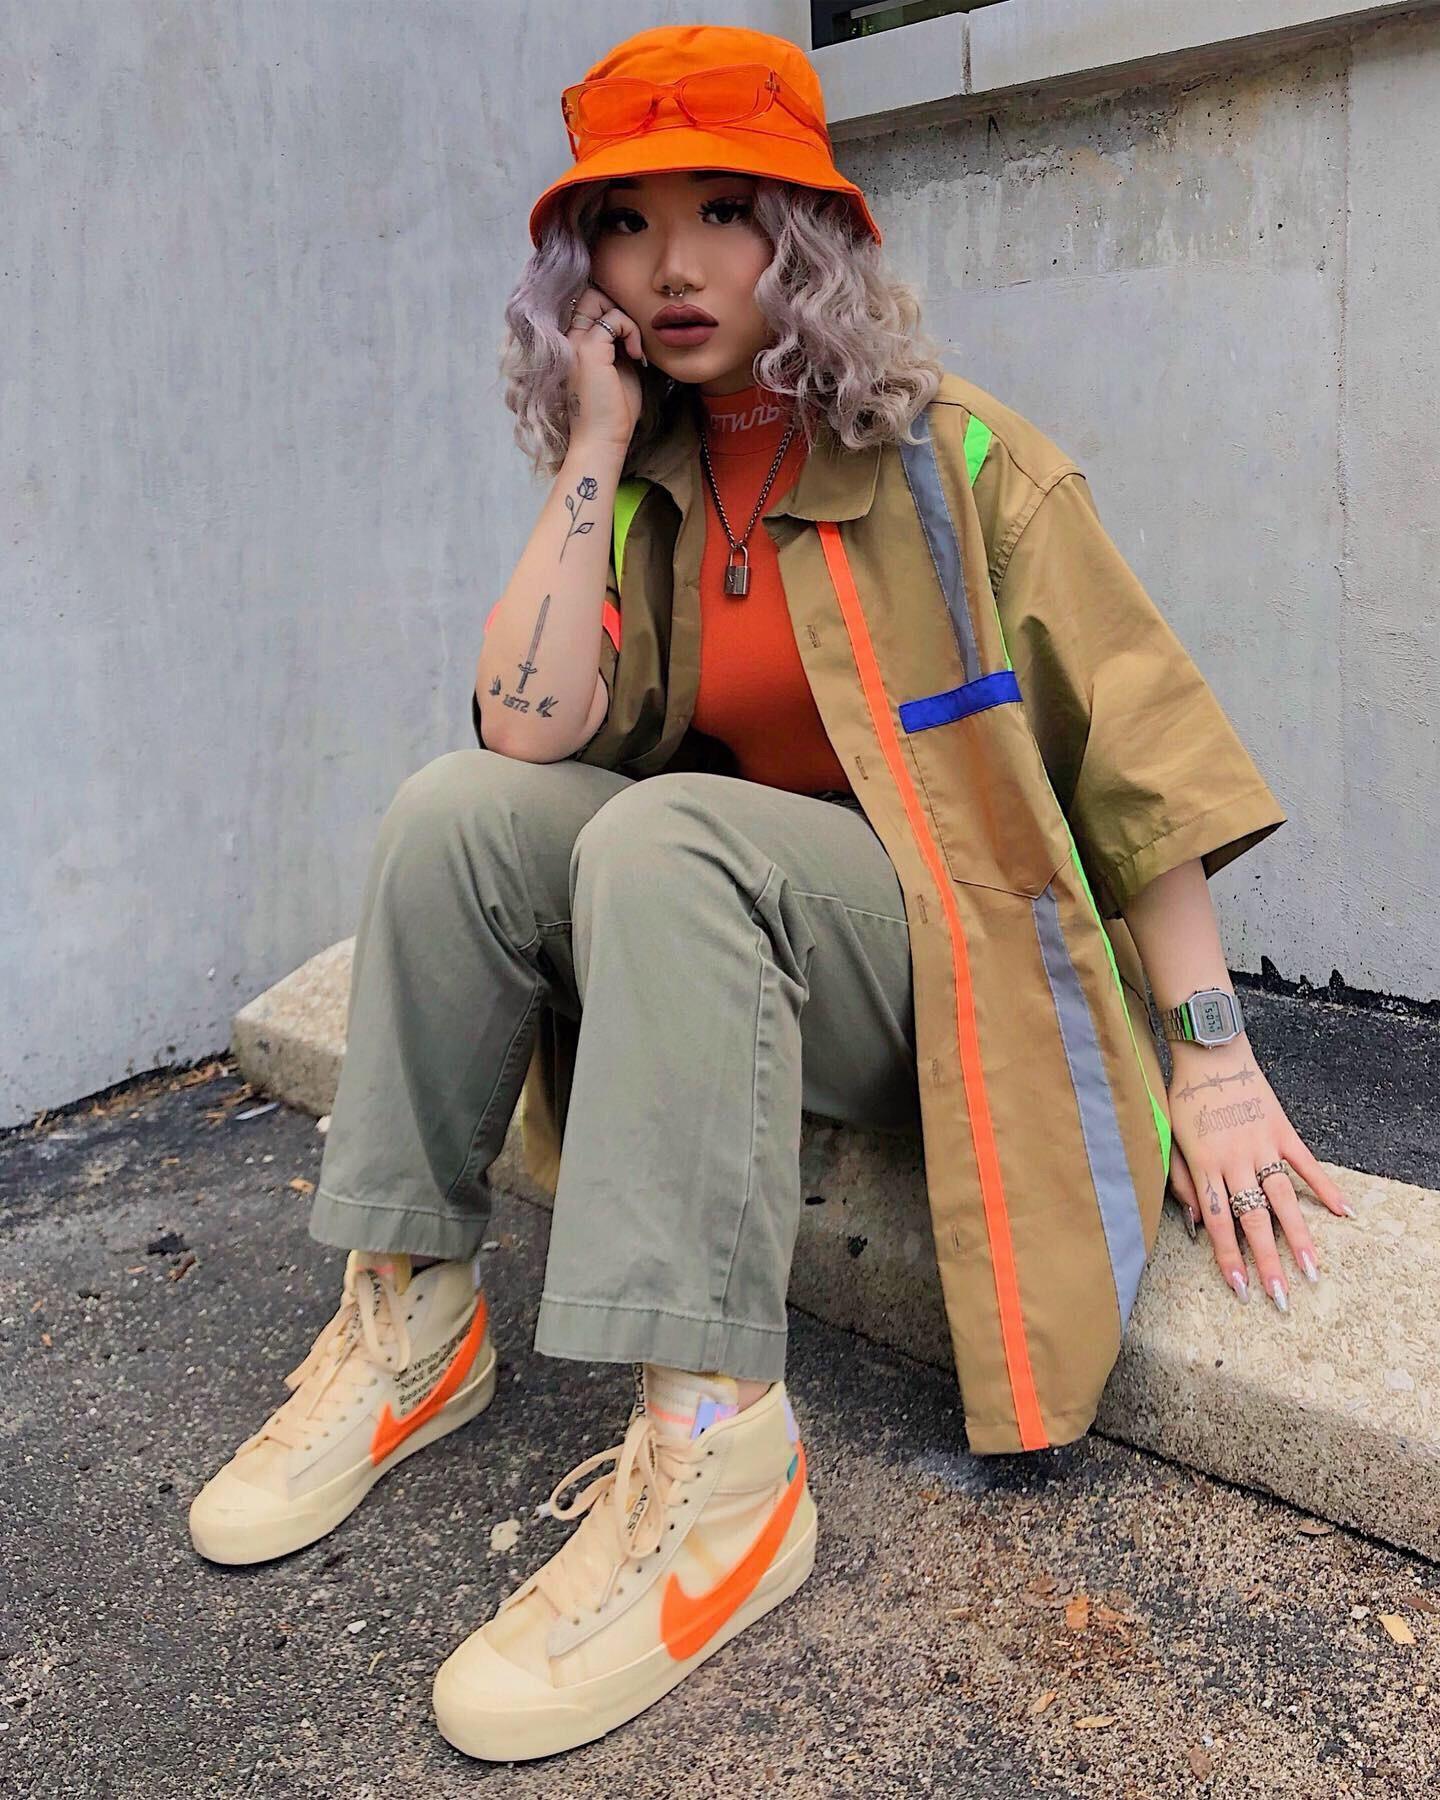 street wear aesthetic